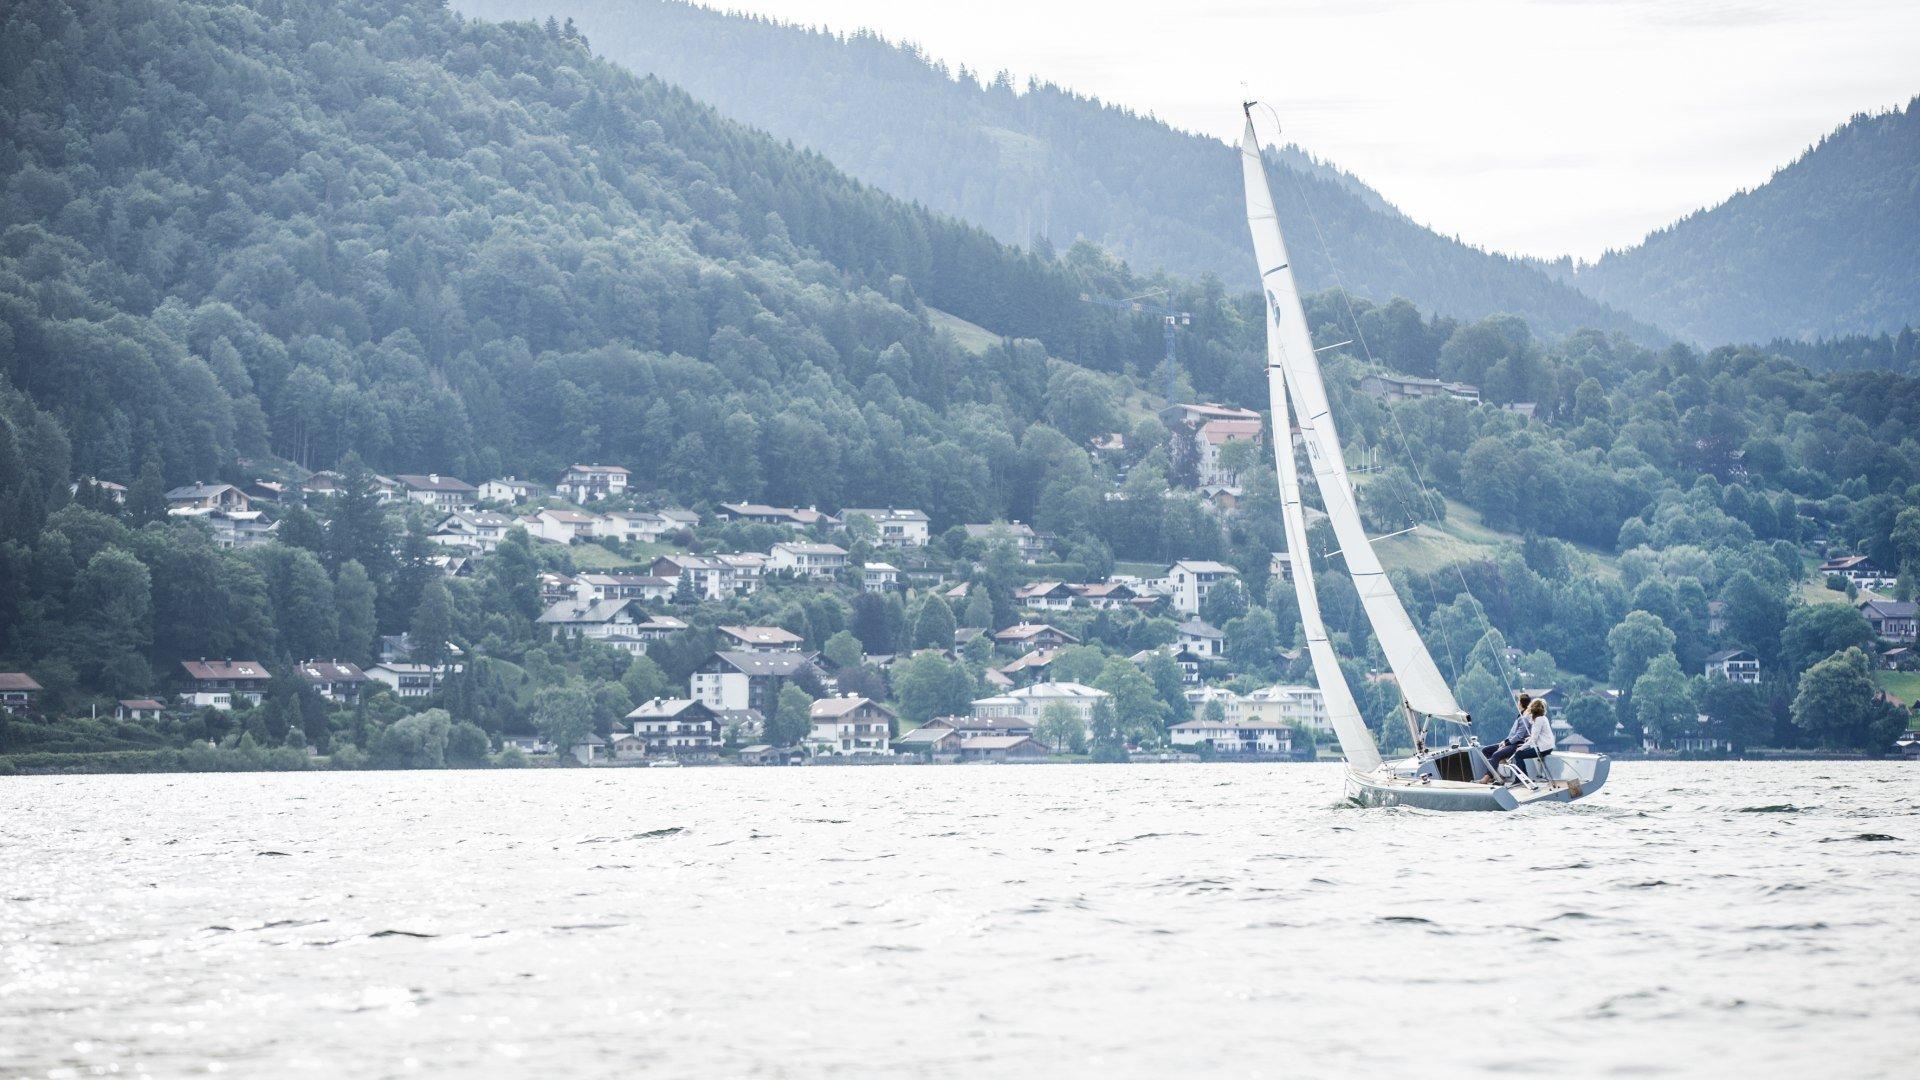 Ein Segelboot segelt auf dem Tegernsee mit Blick auf Stadt Tegernsee., © Hansi Heckmair